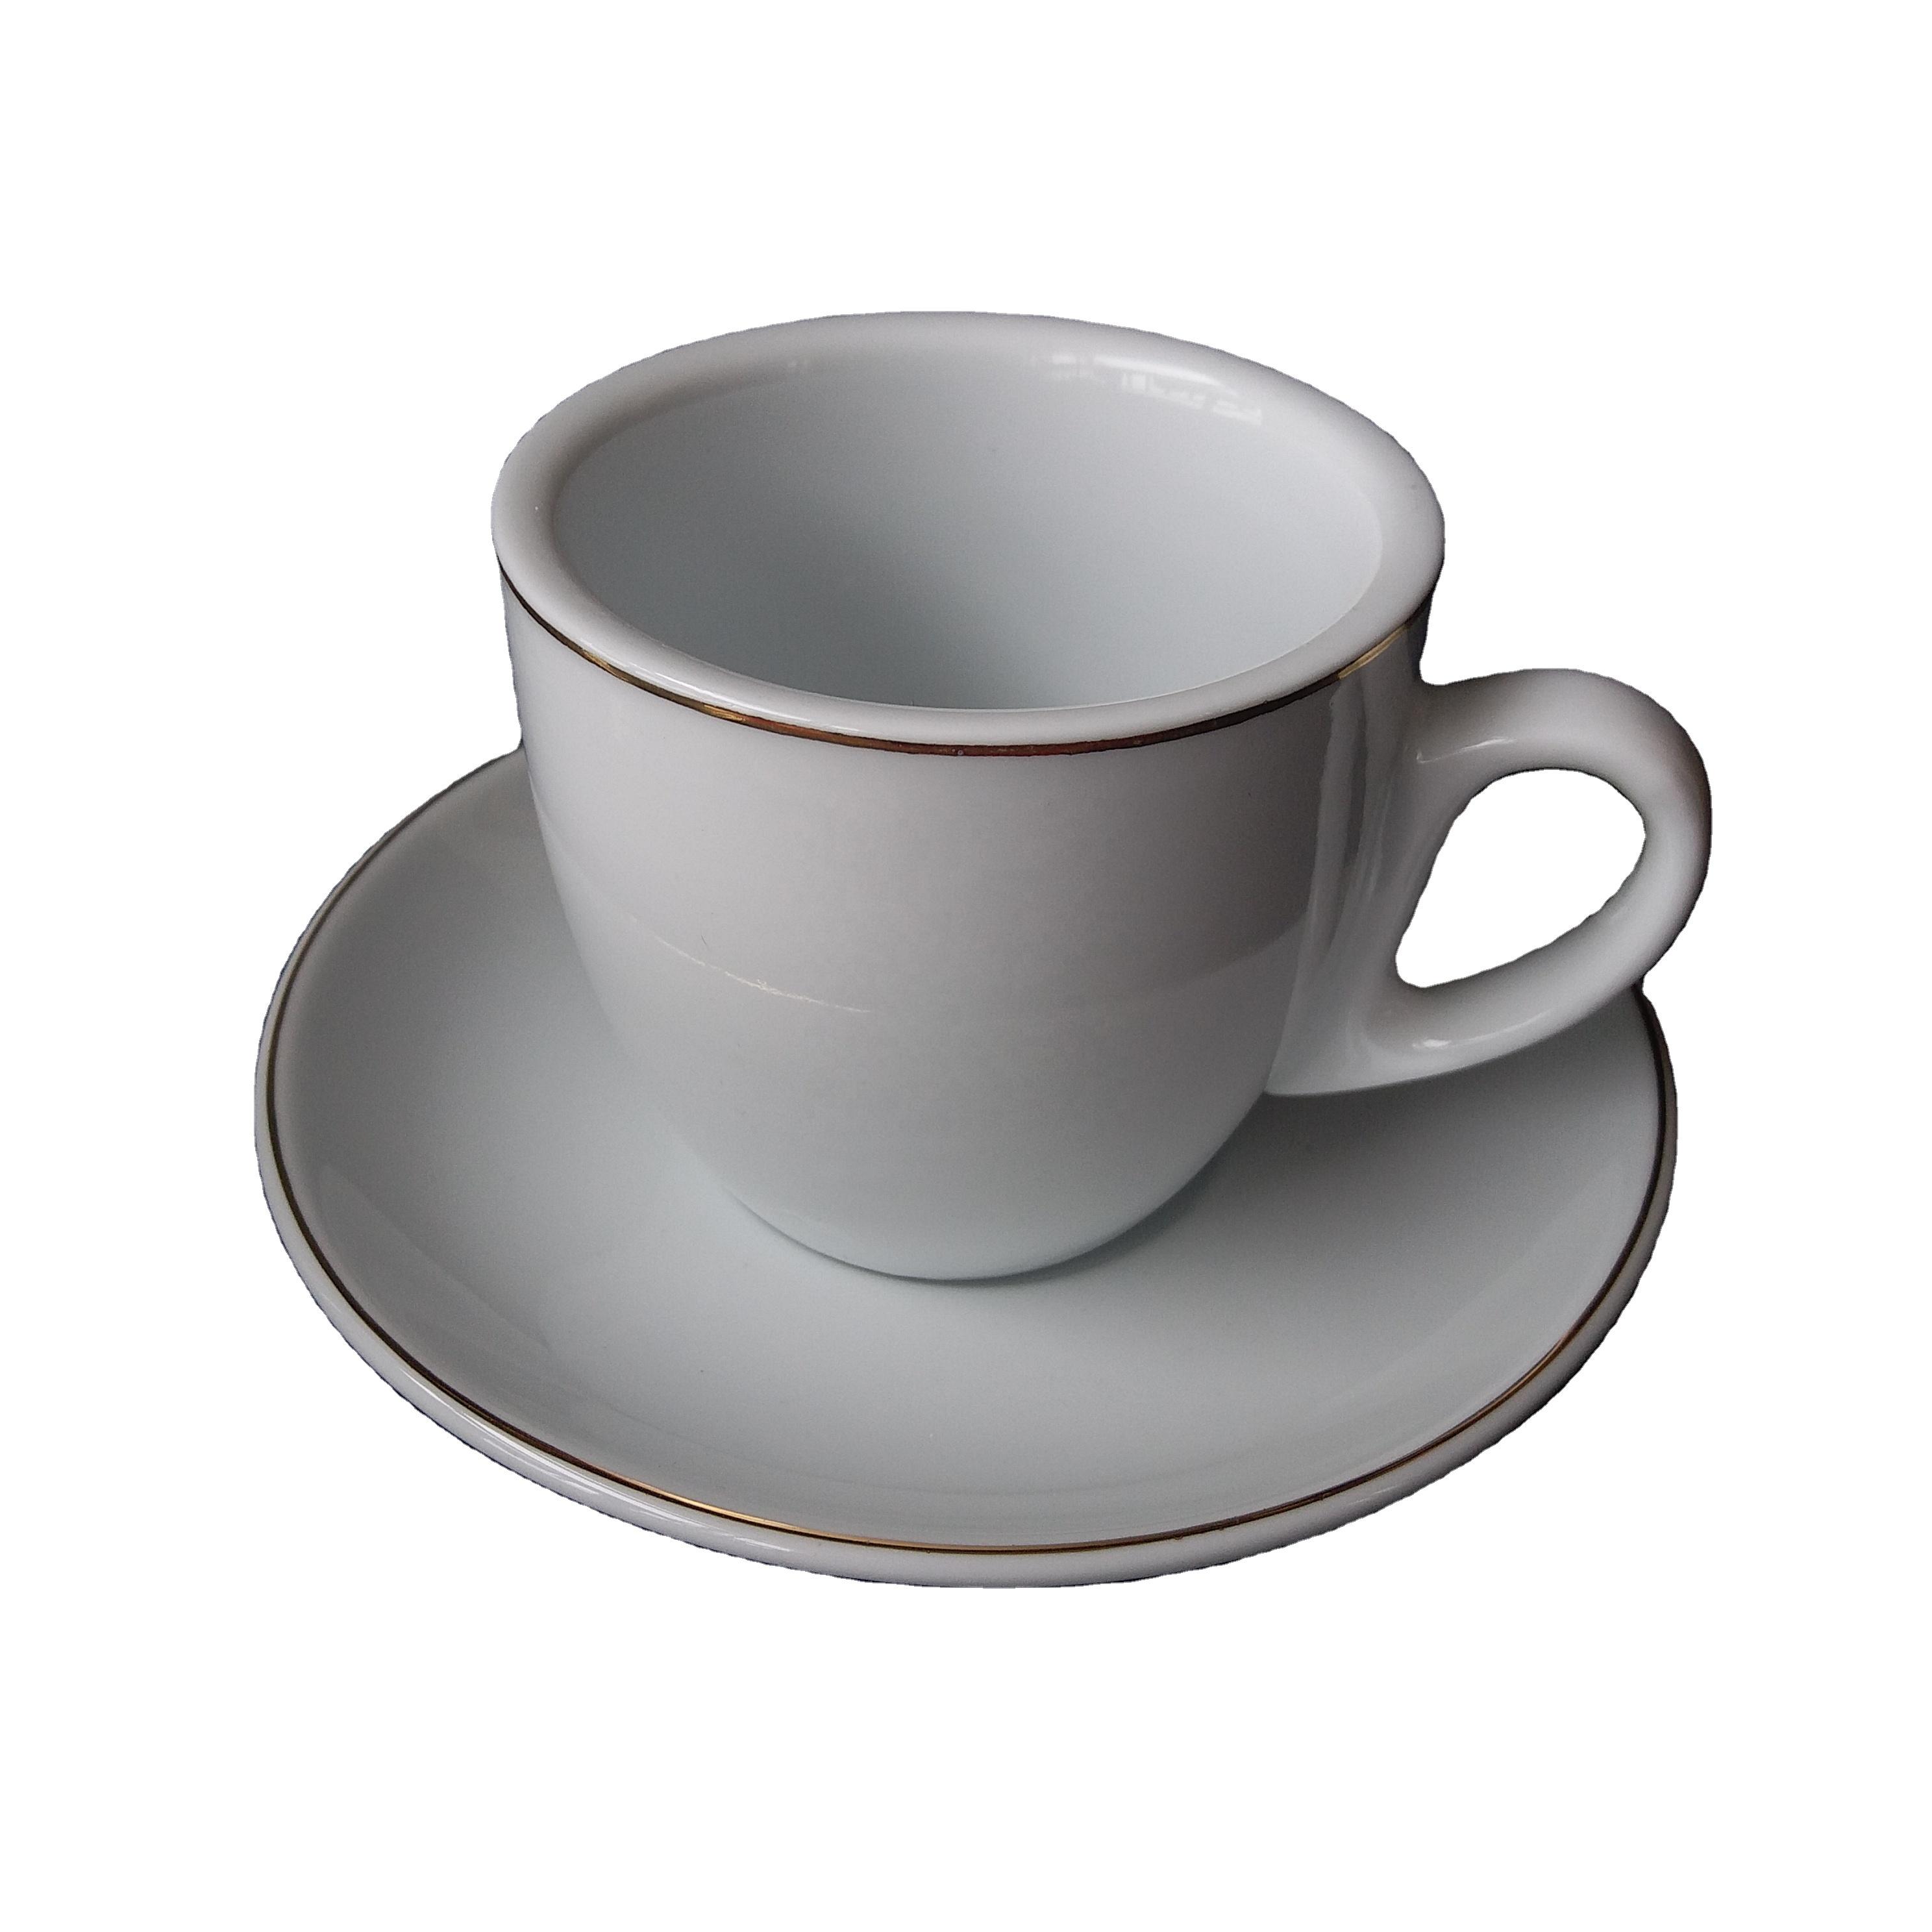 Tasse 200ml mit Unterteller (für Kaffee, Tee etc